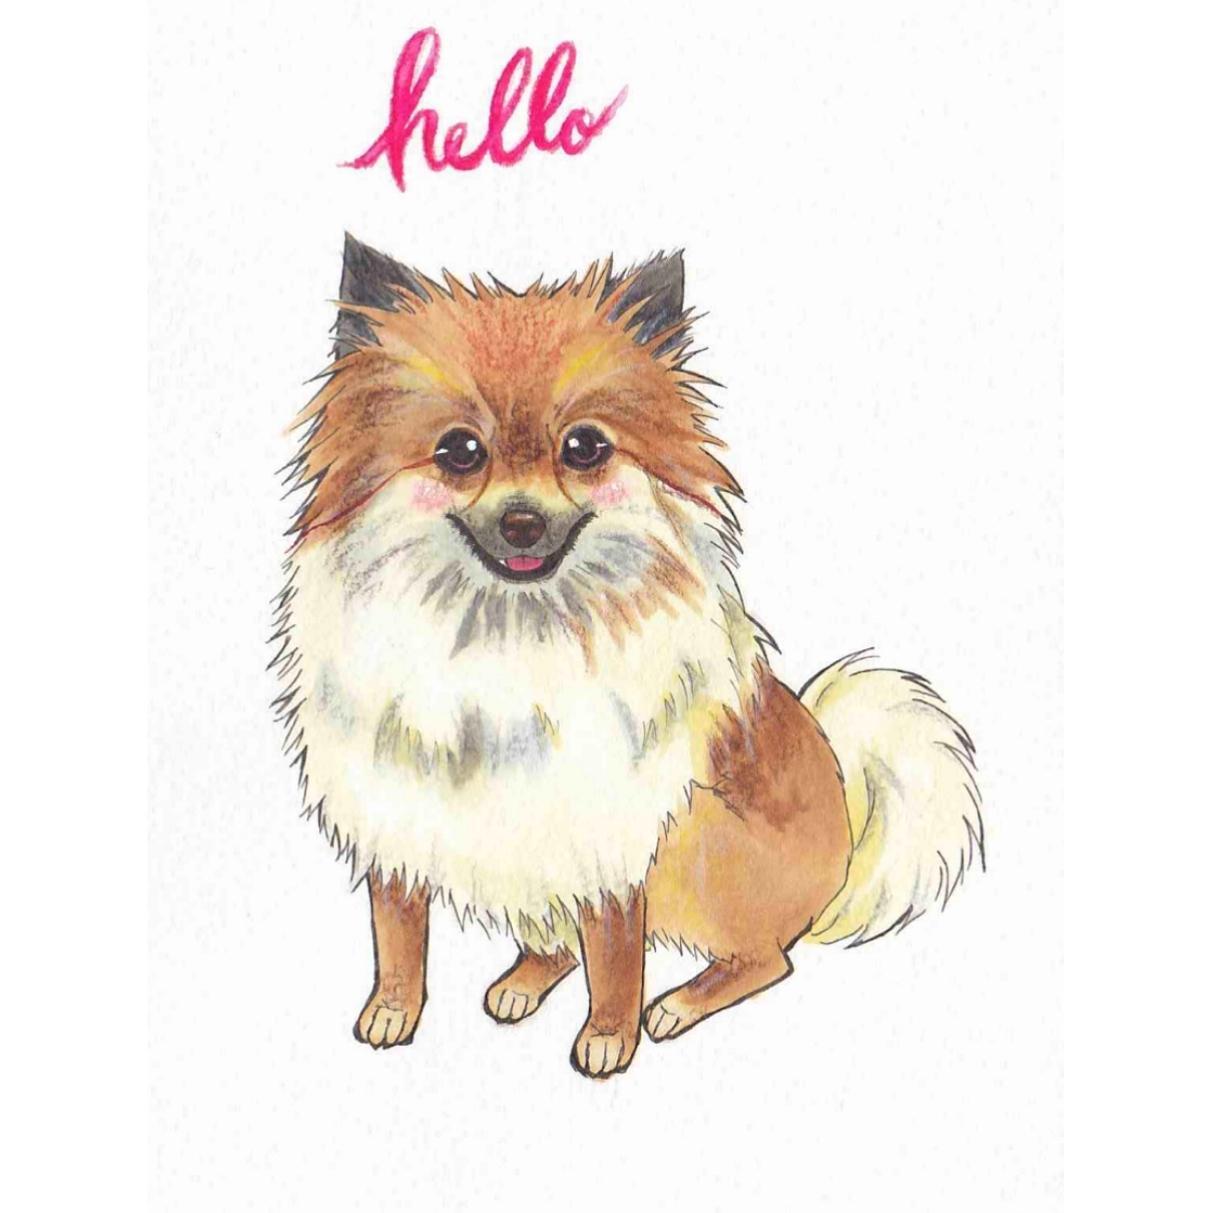 あなたの可愛いペットの似顔絵を描きます 似顔絵師による色鉛筆等を使った繊細で温かいイラストです。